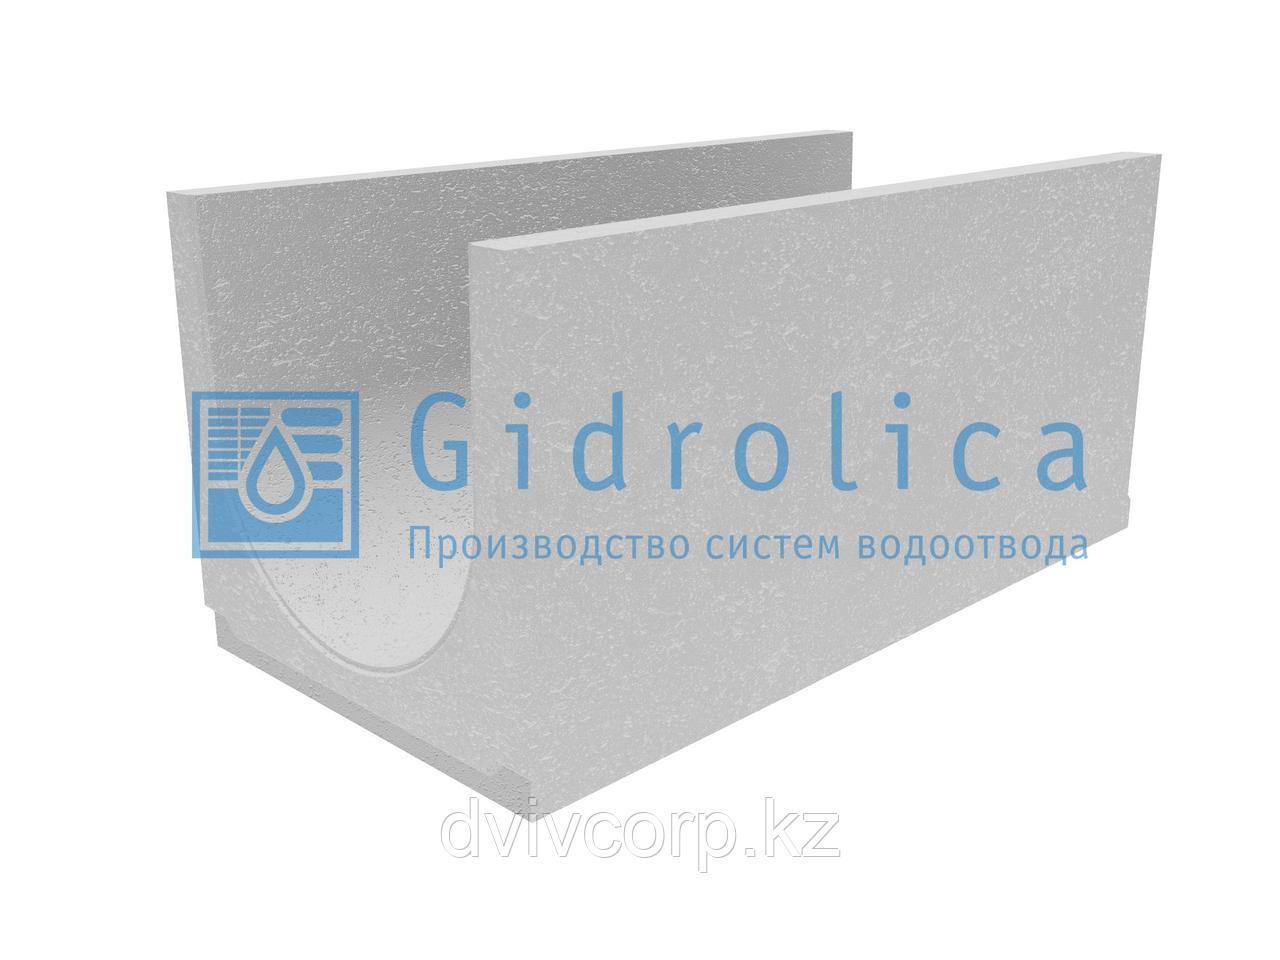 Лоток водоотводный бетонный коробчатый (СО-400мм), с уклоном 0,5%  КUу 100.49,4(40).48(41) - BGU, № 17